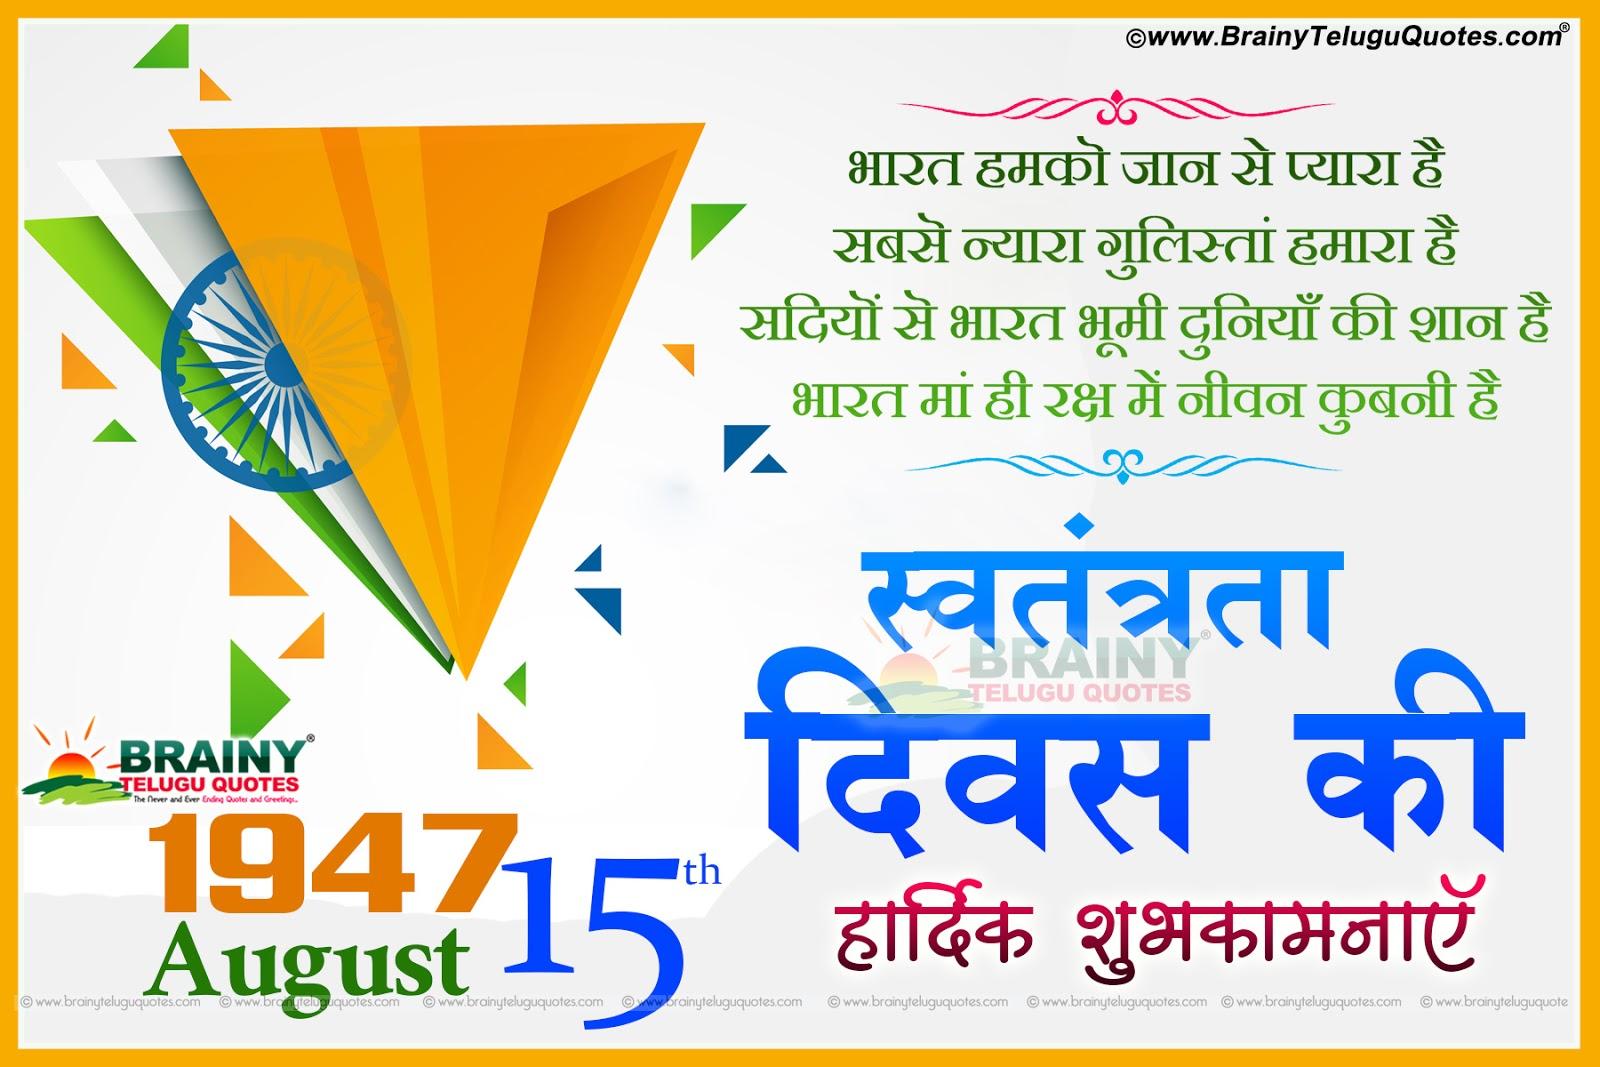 independence day 15 august in hindi language Independence day (india)  15 अगस्त 1947 को सुबह 11:00 बजे संघटक सभा ने भारत की स्वतंत्रता का समारोह आरंभ किया, जिसमें अधिकारों का हस्तांतरण किया गया.